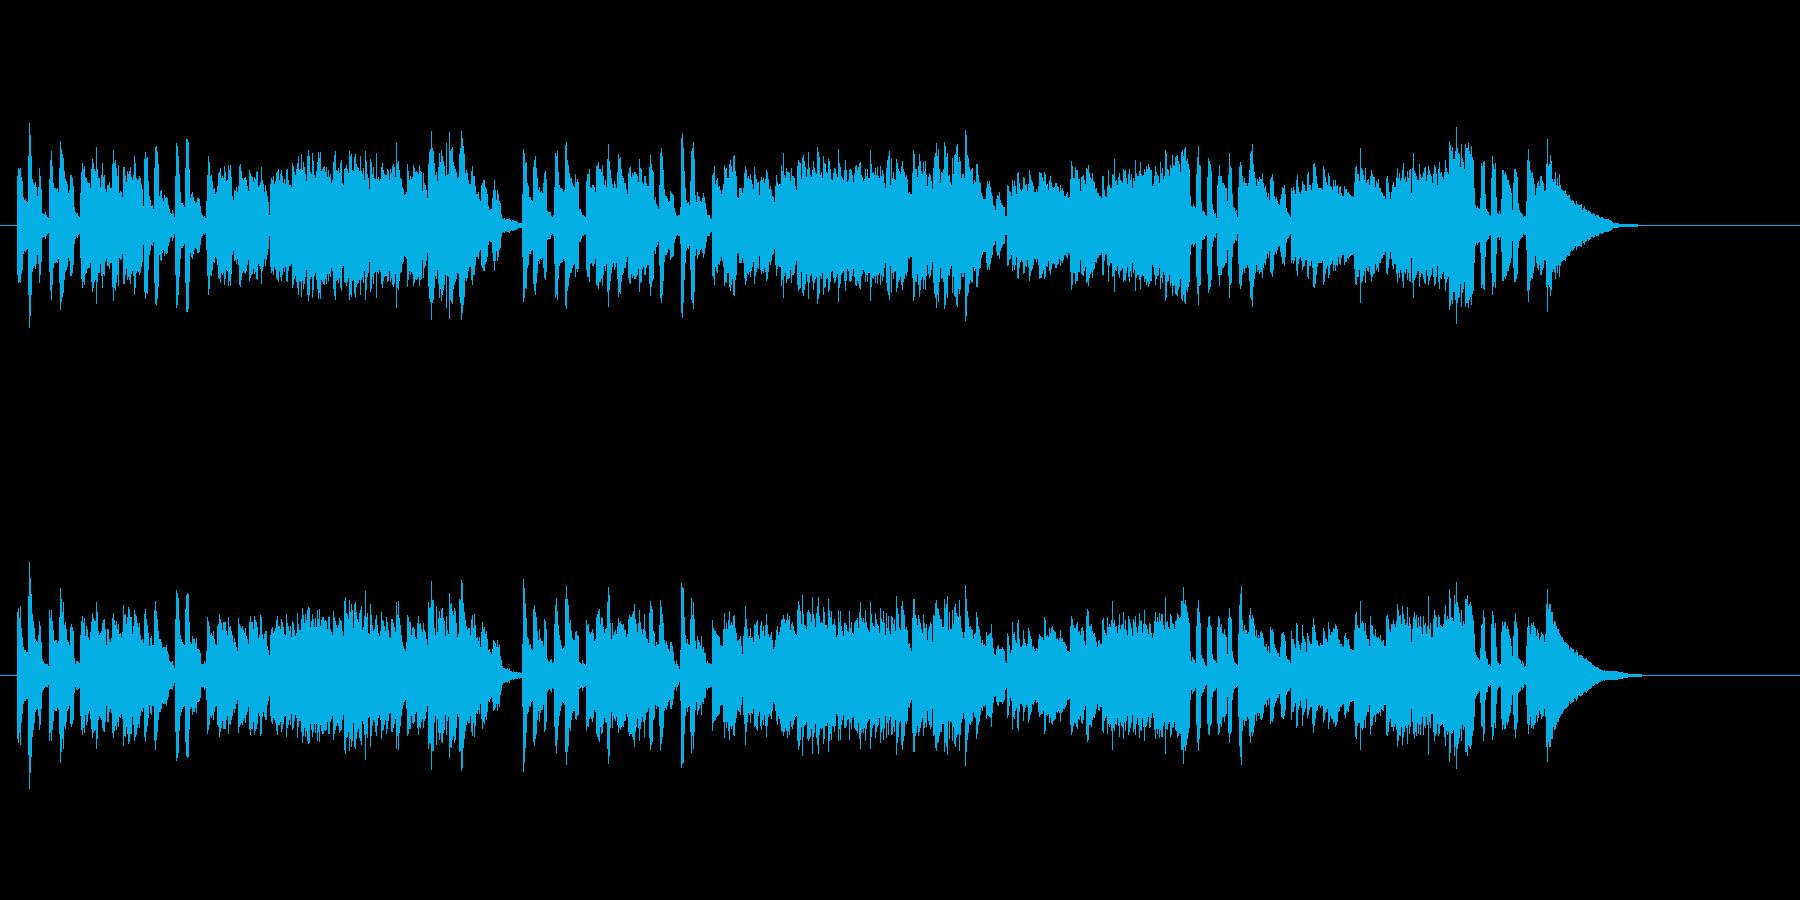 バロック音楽風ほのぼのチェンバロの再生済みの波形